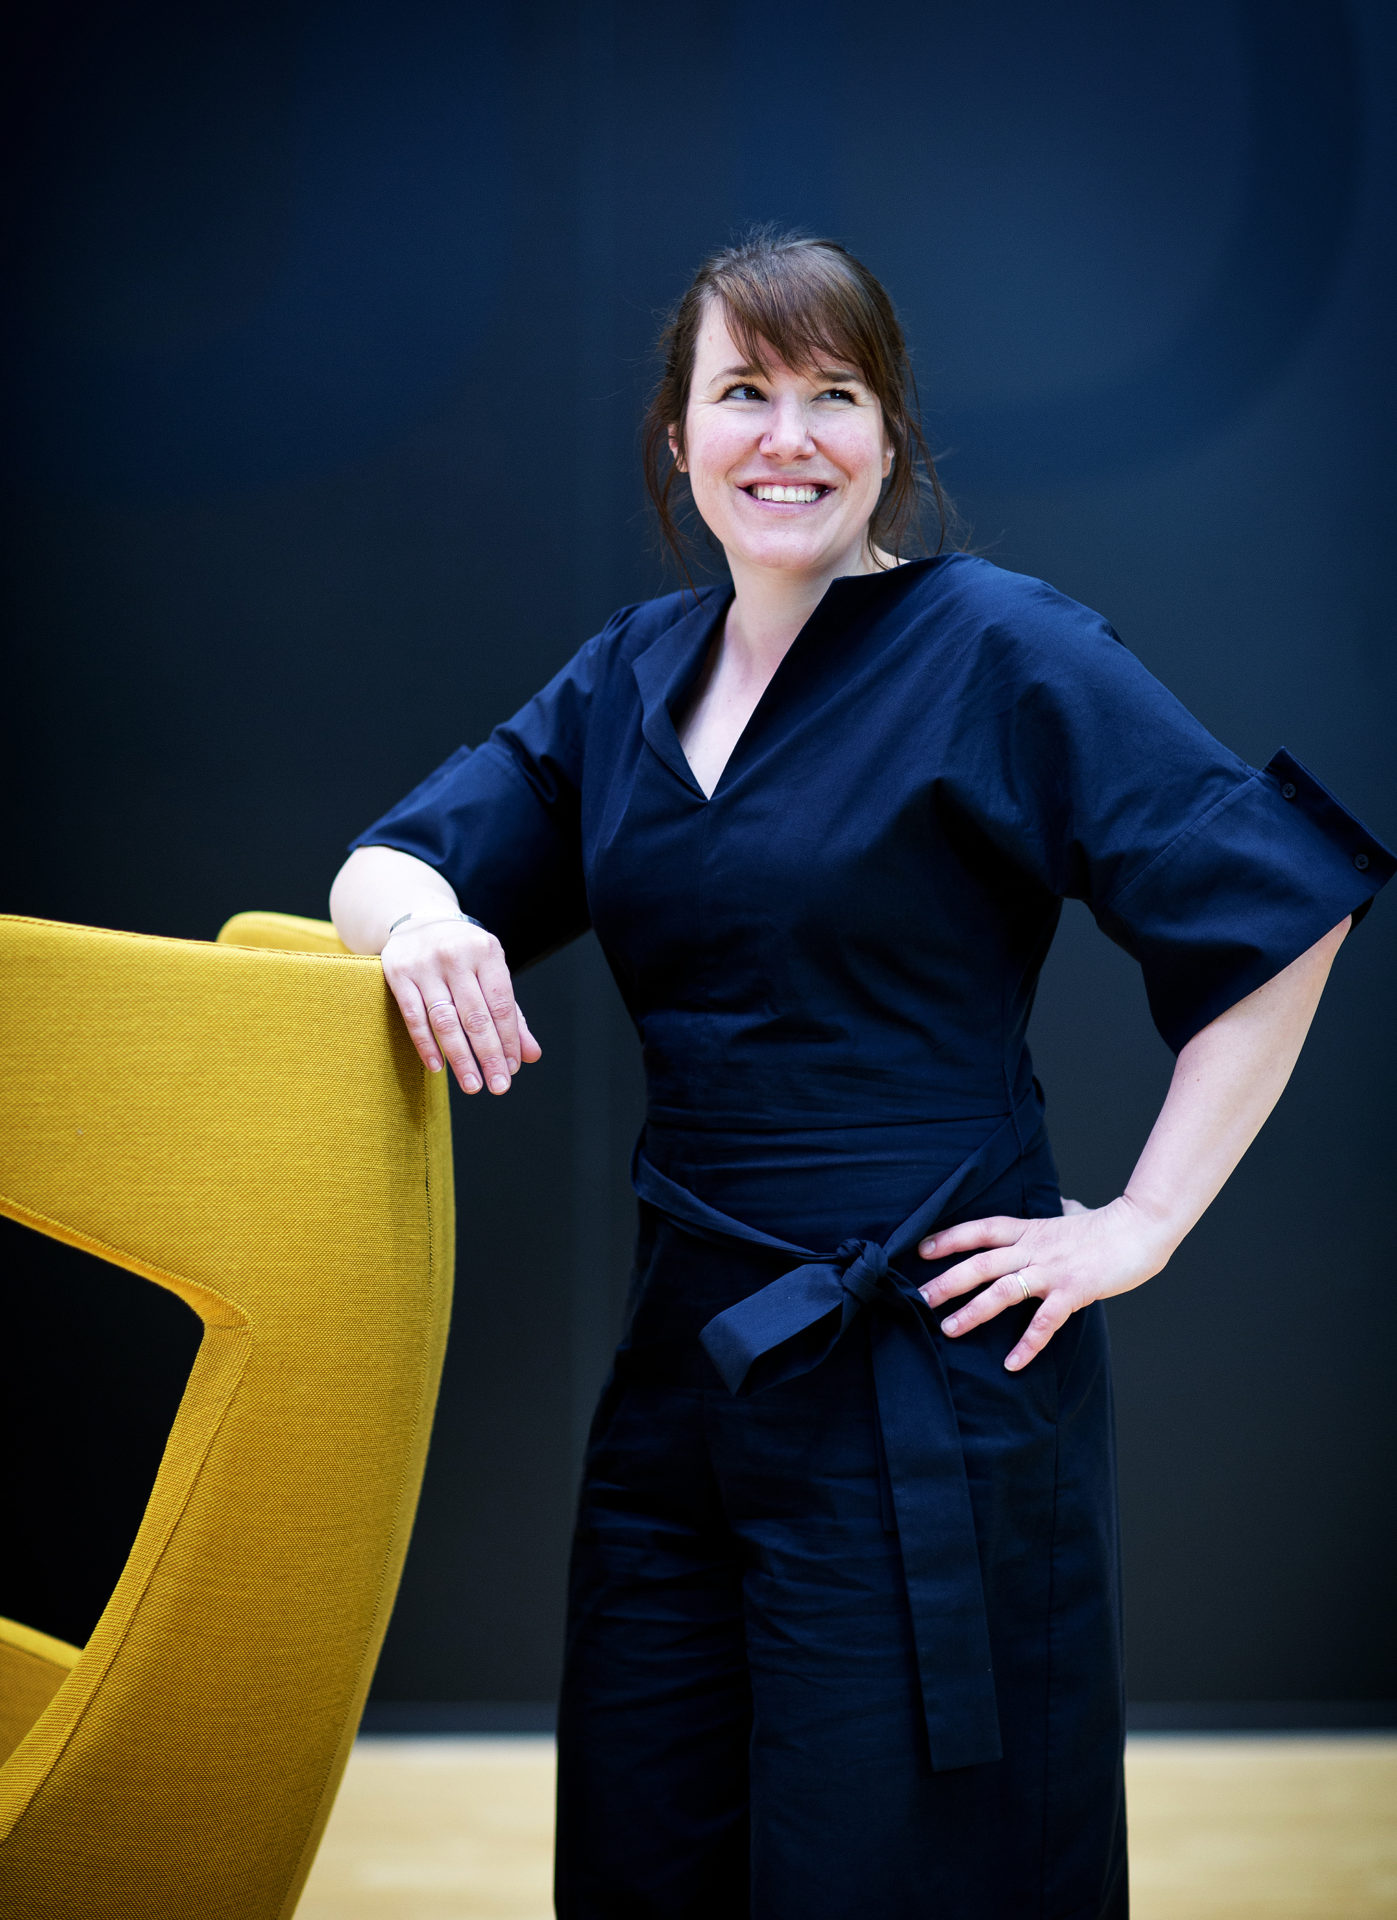 Wetenschapsjournalist Ionica Smeets